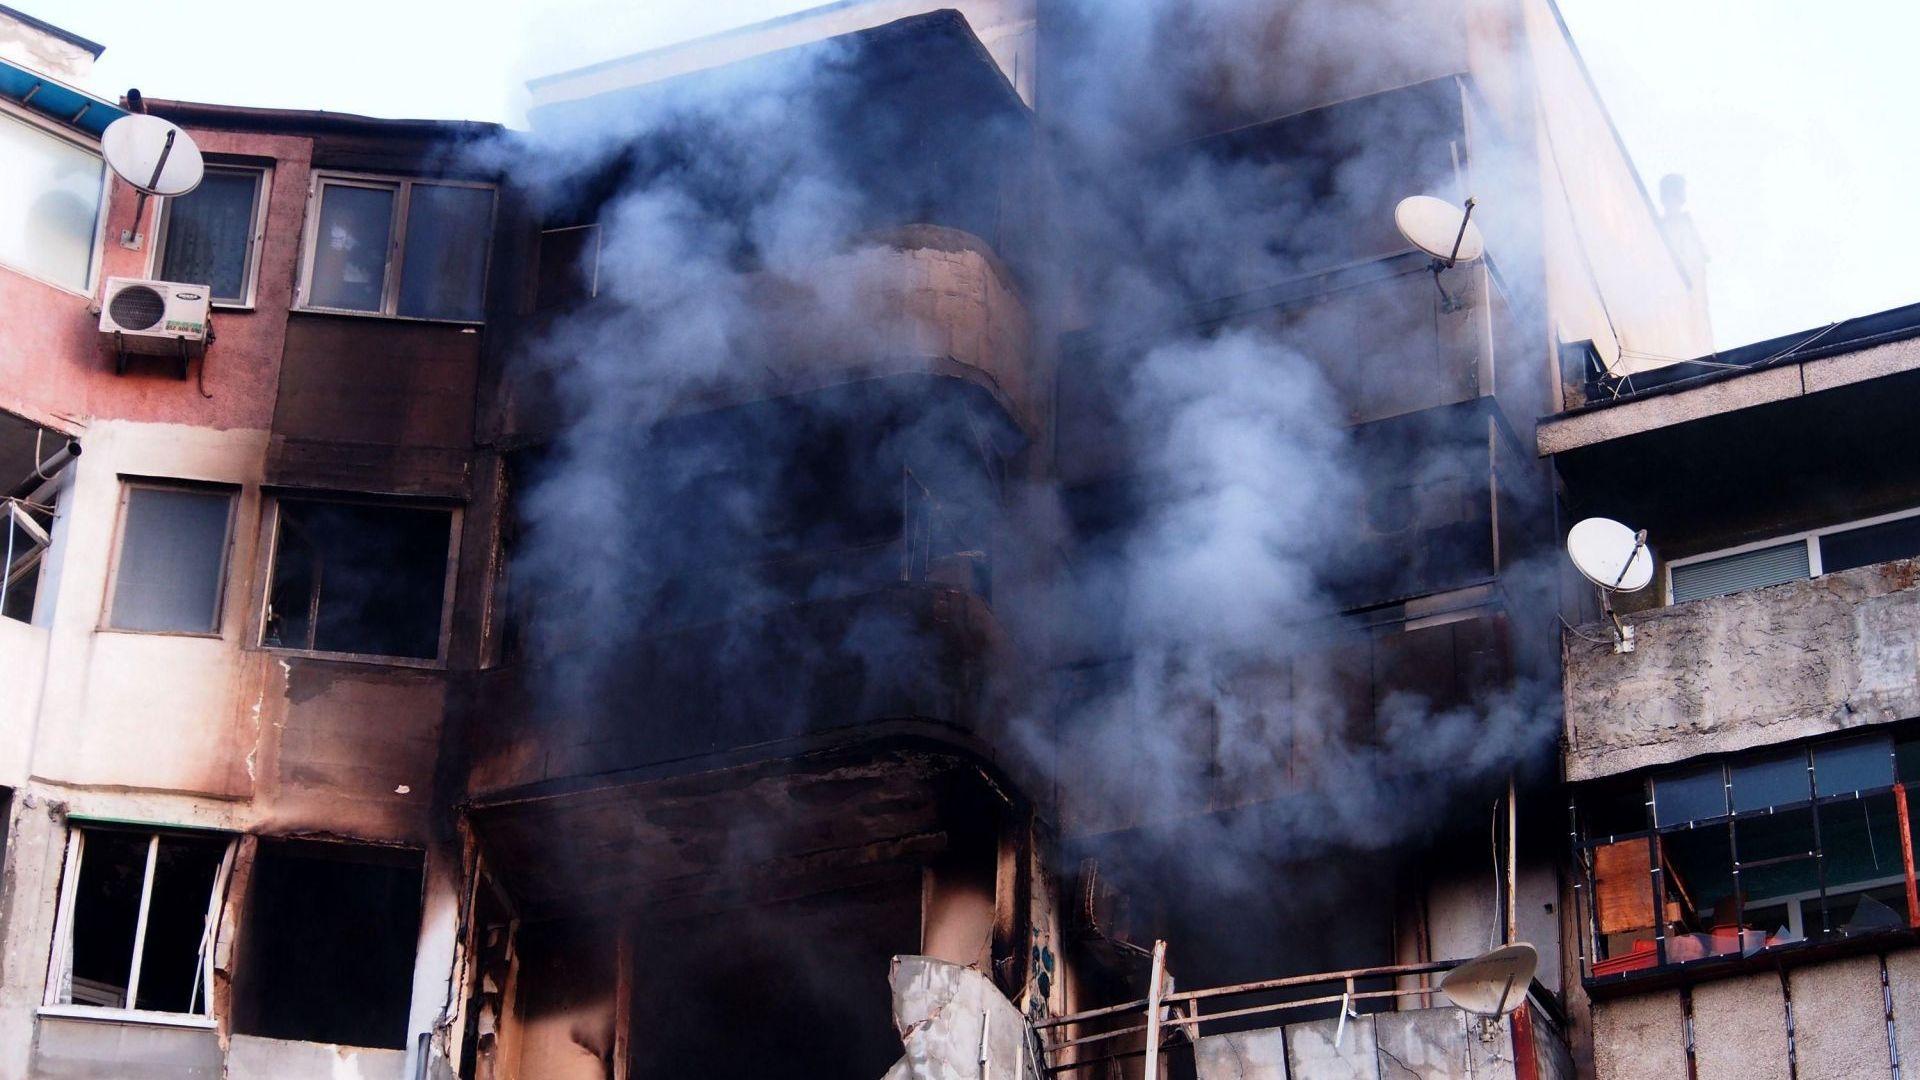 Жители на блока във Варна след взрива: Втората жертва е издирваният бивш полицай